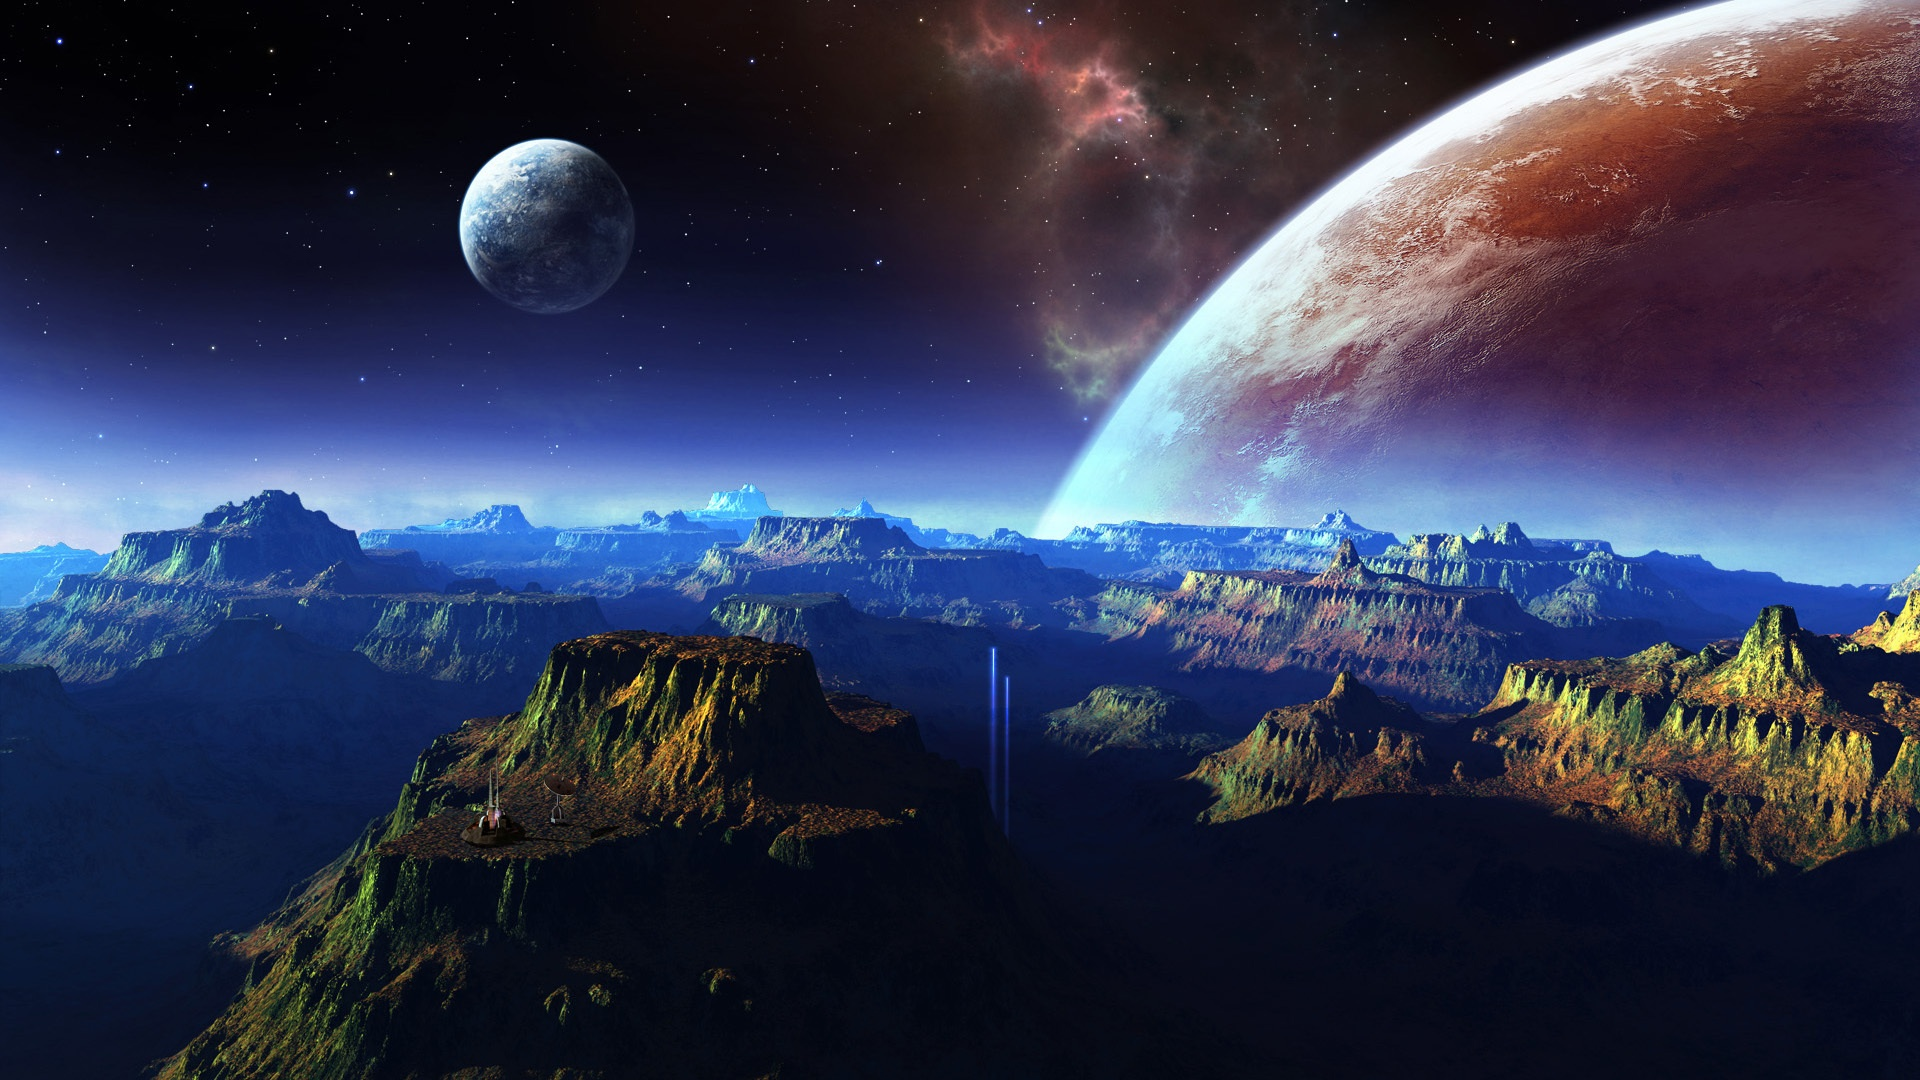 壁紙 幻想的な風景 山 宇宙 惑星 1920x1080 Full Hd 2k 無料の